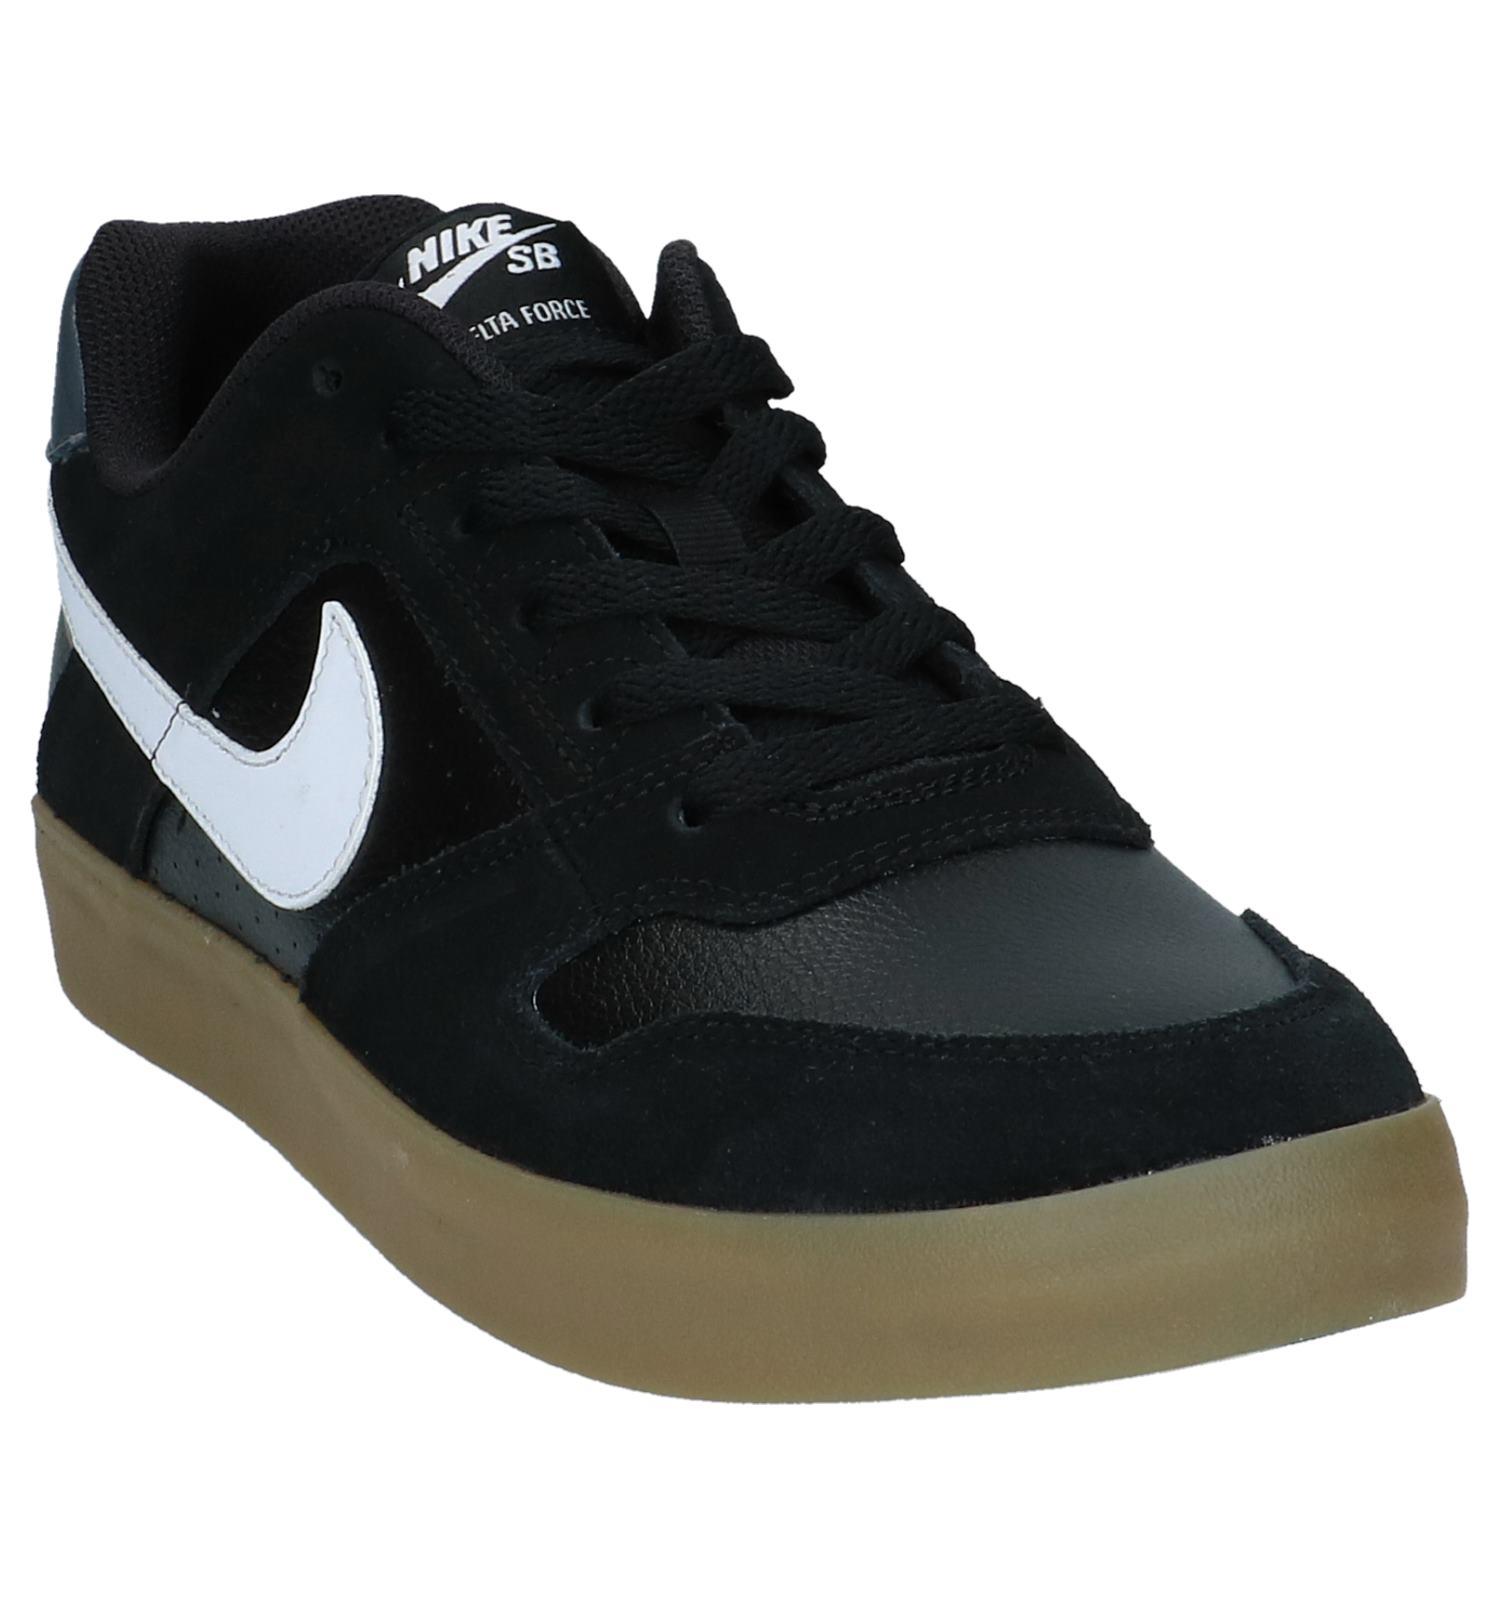 Zwarte Skateschoenen Nike SB Delta Force Vulc